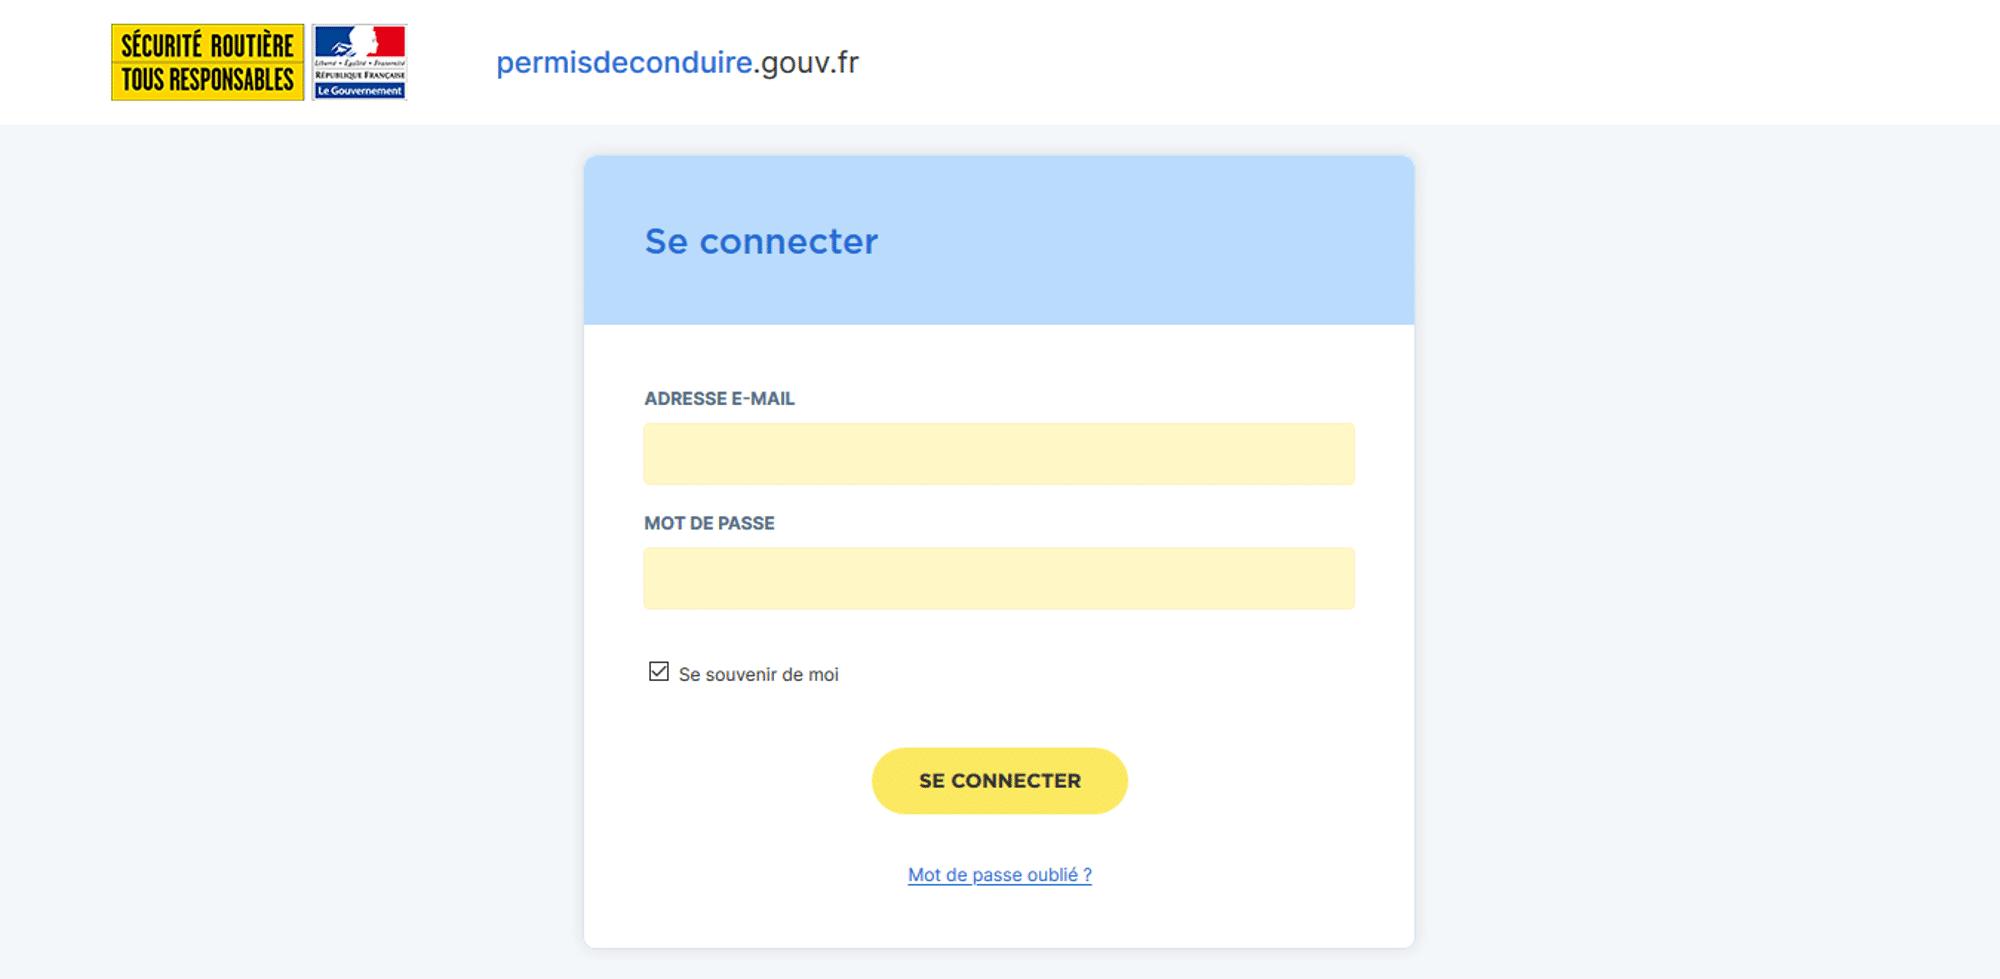 Connexion Rendez-vous Permis